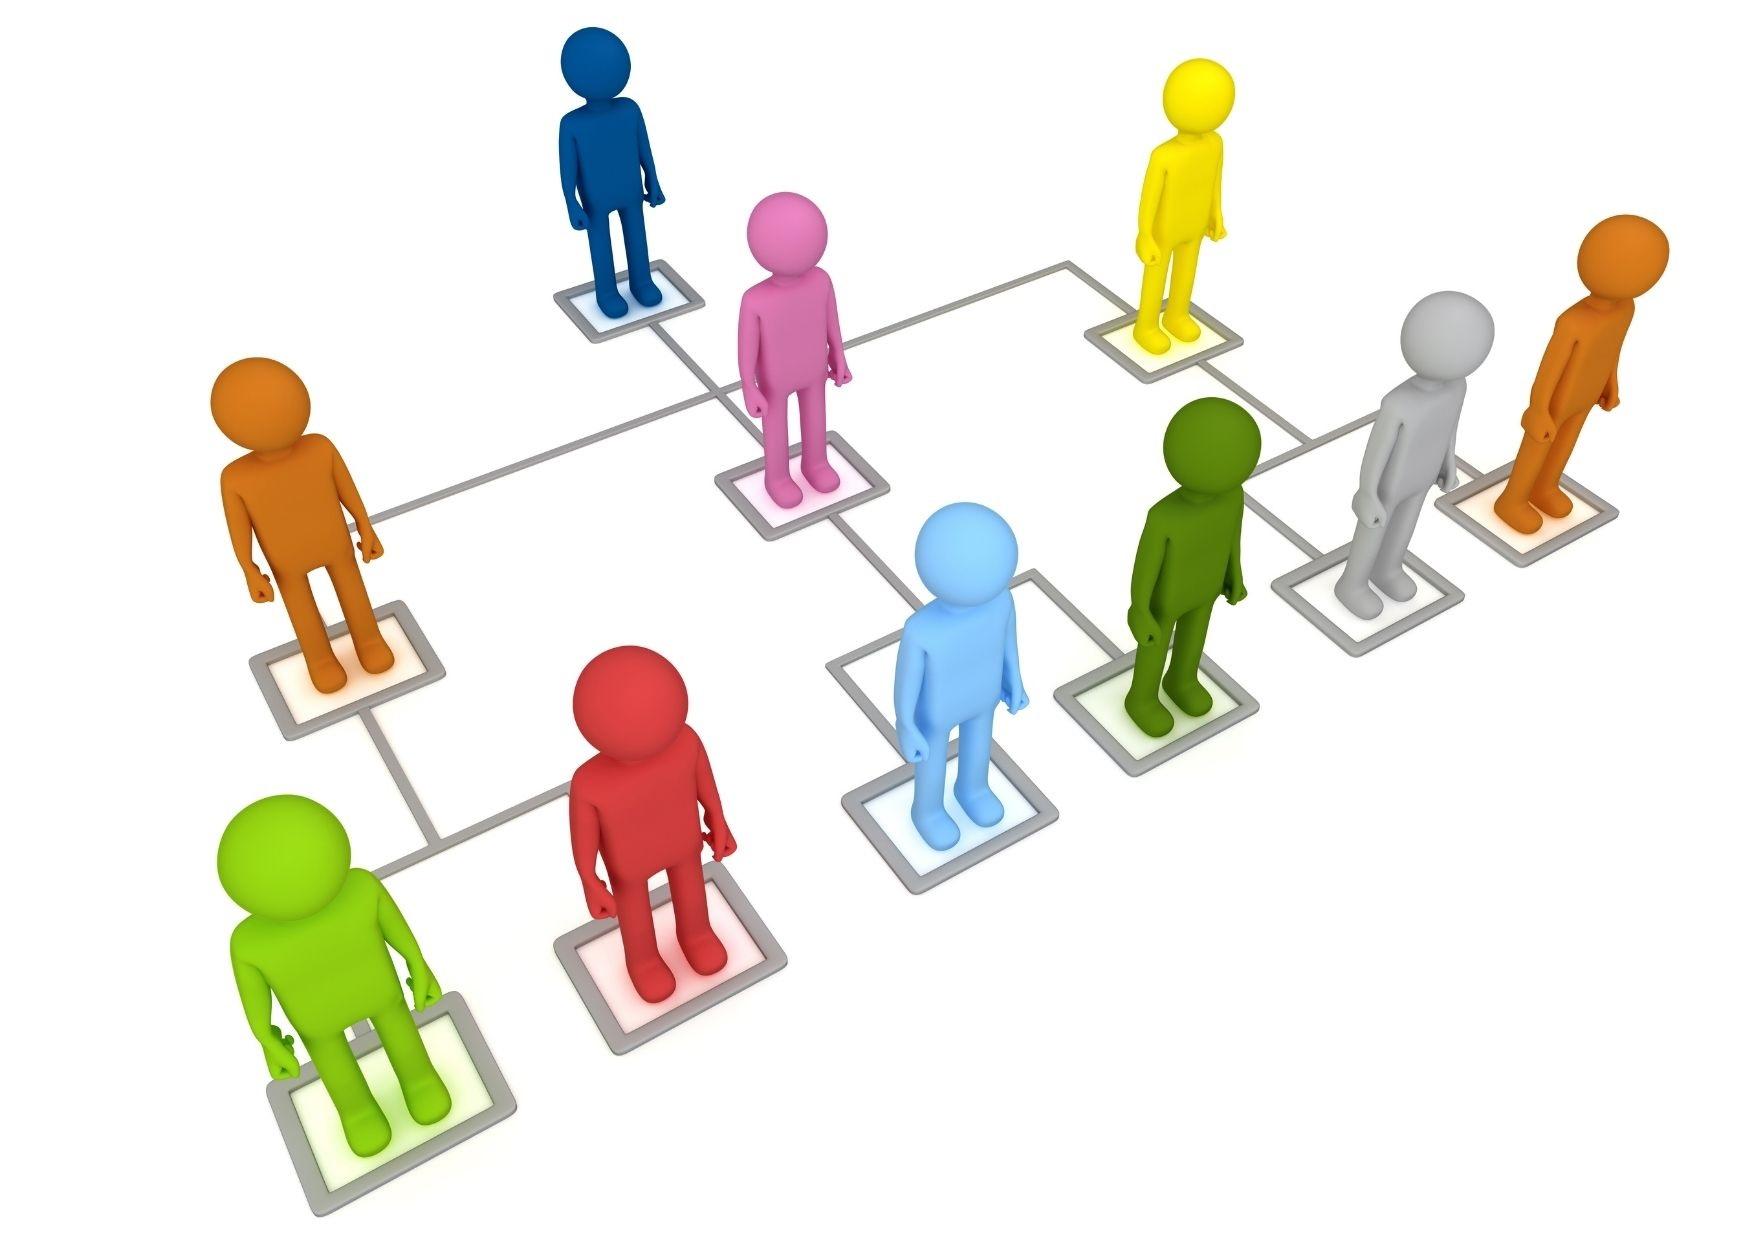 De structuur, indeling en verdeling van cliënten medezeggenschap